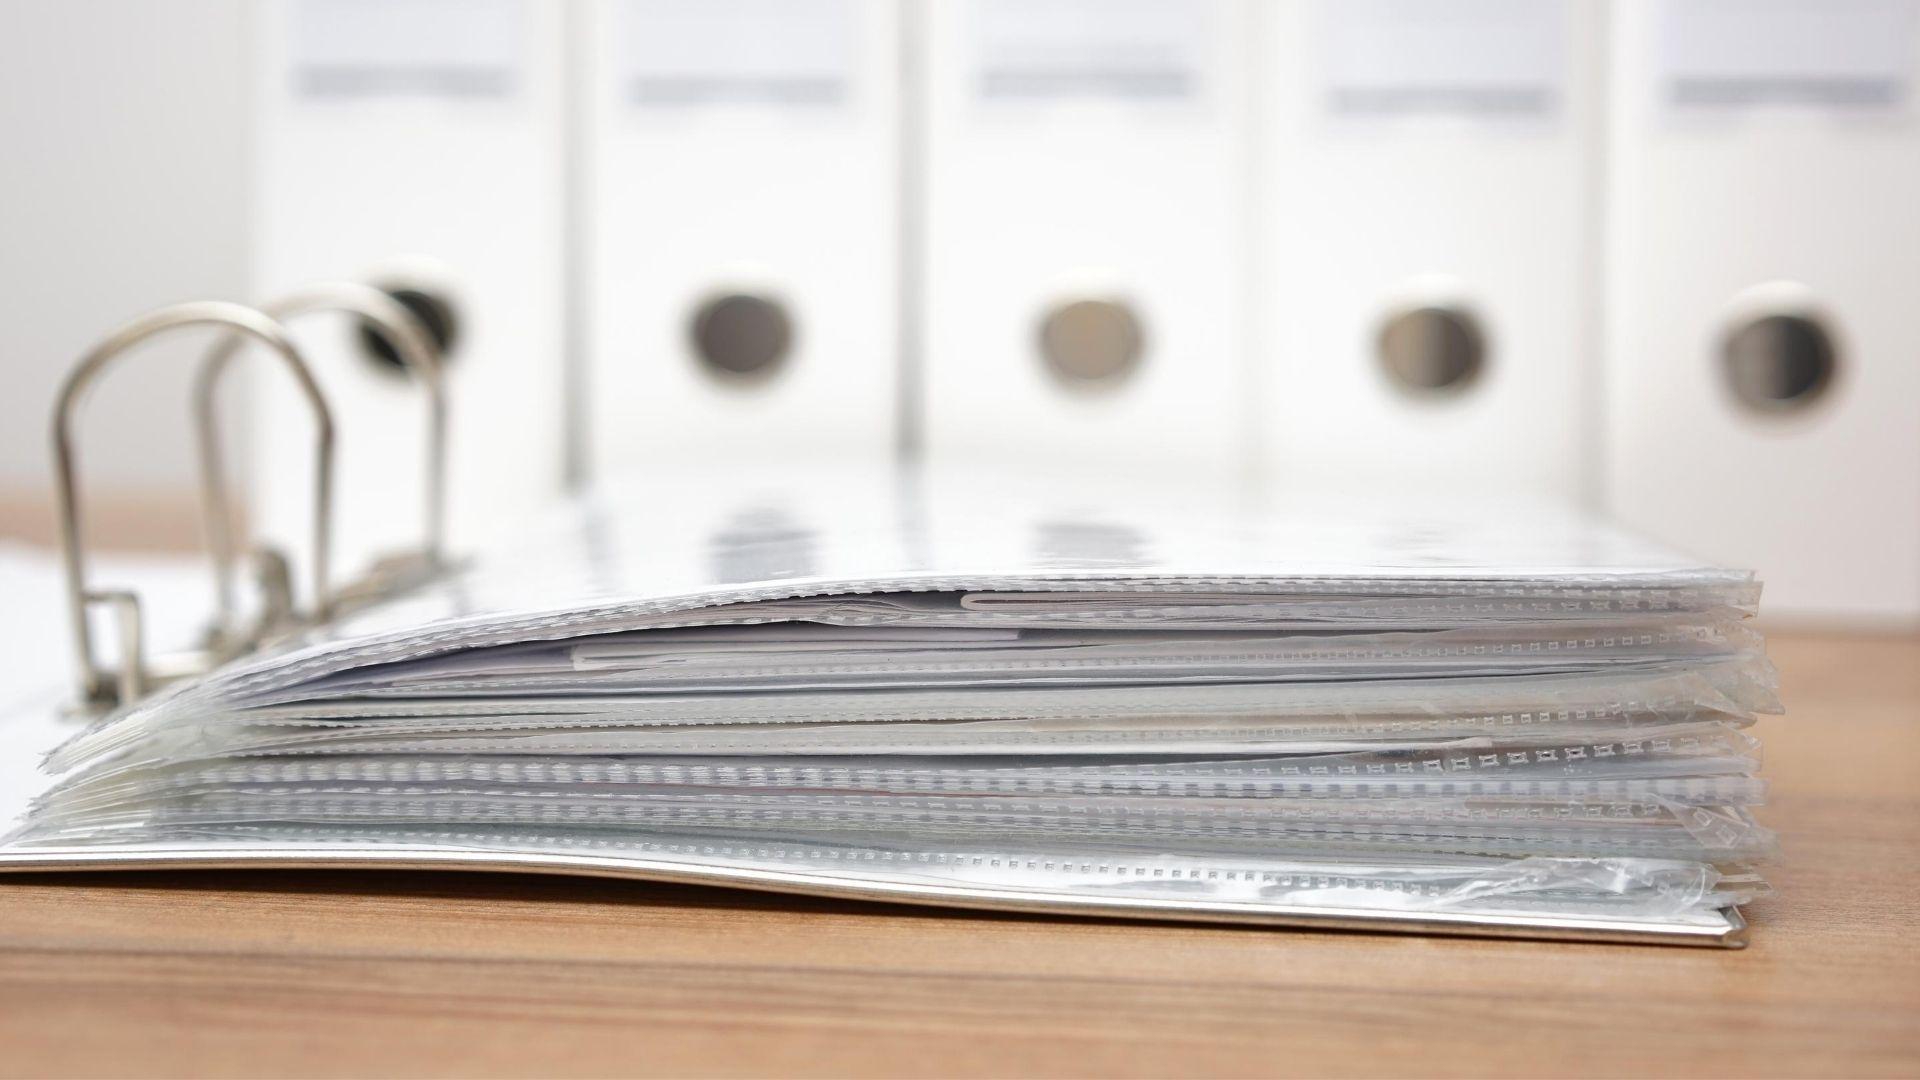 Mišrių komunalinių atliekų sudėties nustatymo ataskaitos